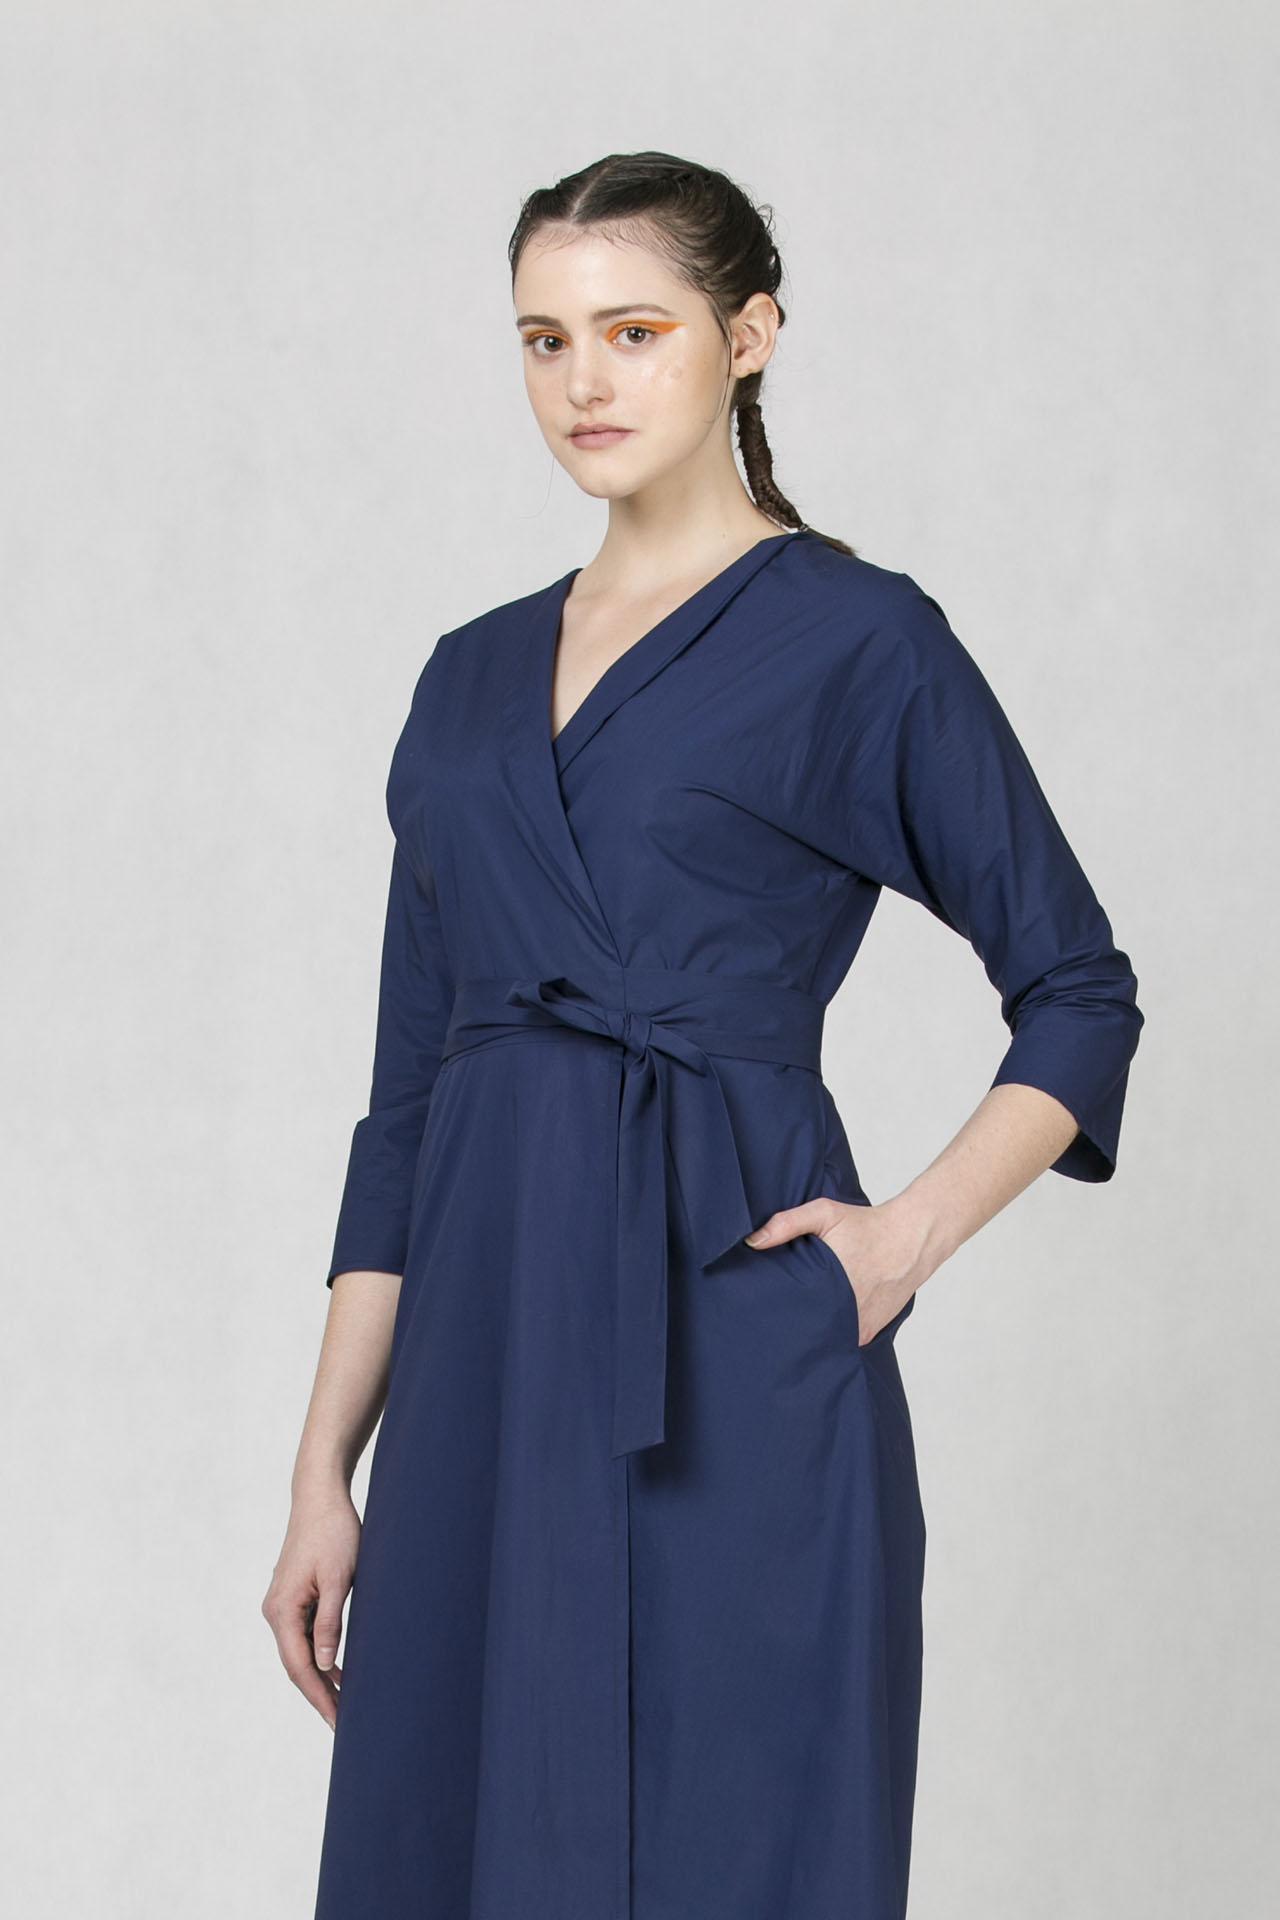 d6eca5a0a14c Zavinovací šaty modré v midi délce od české módní značky Oneday